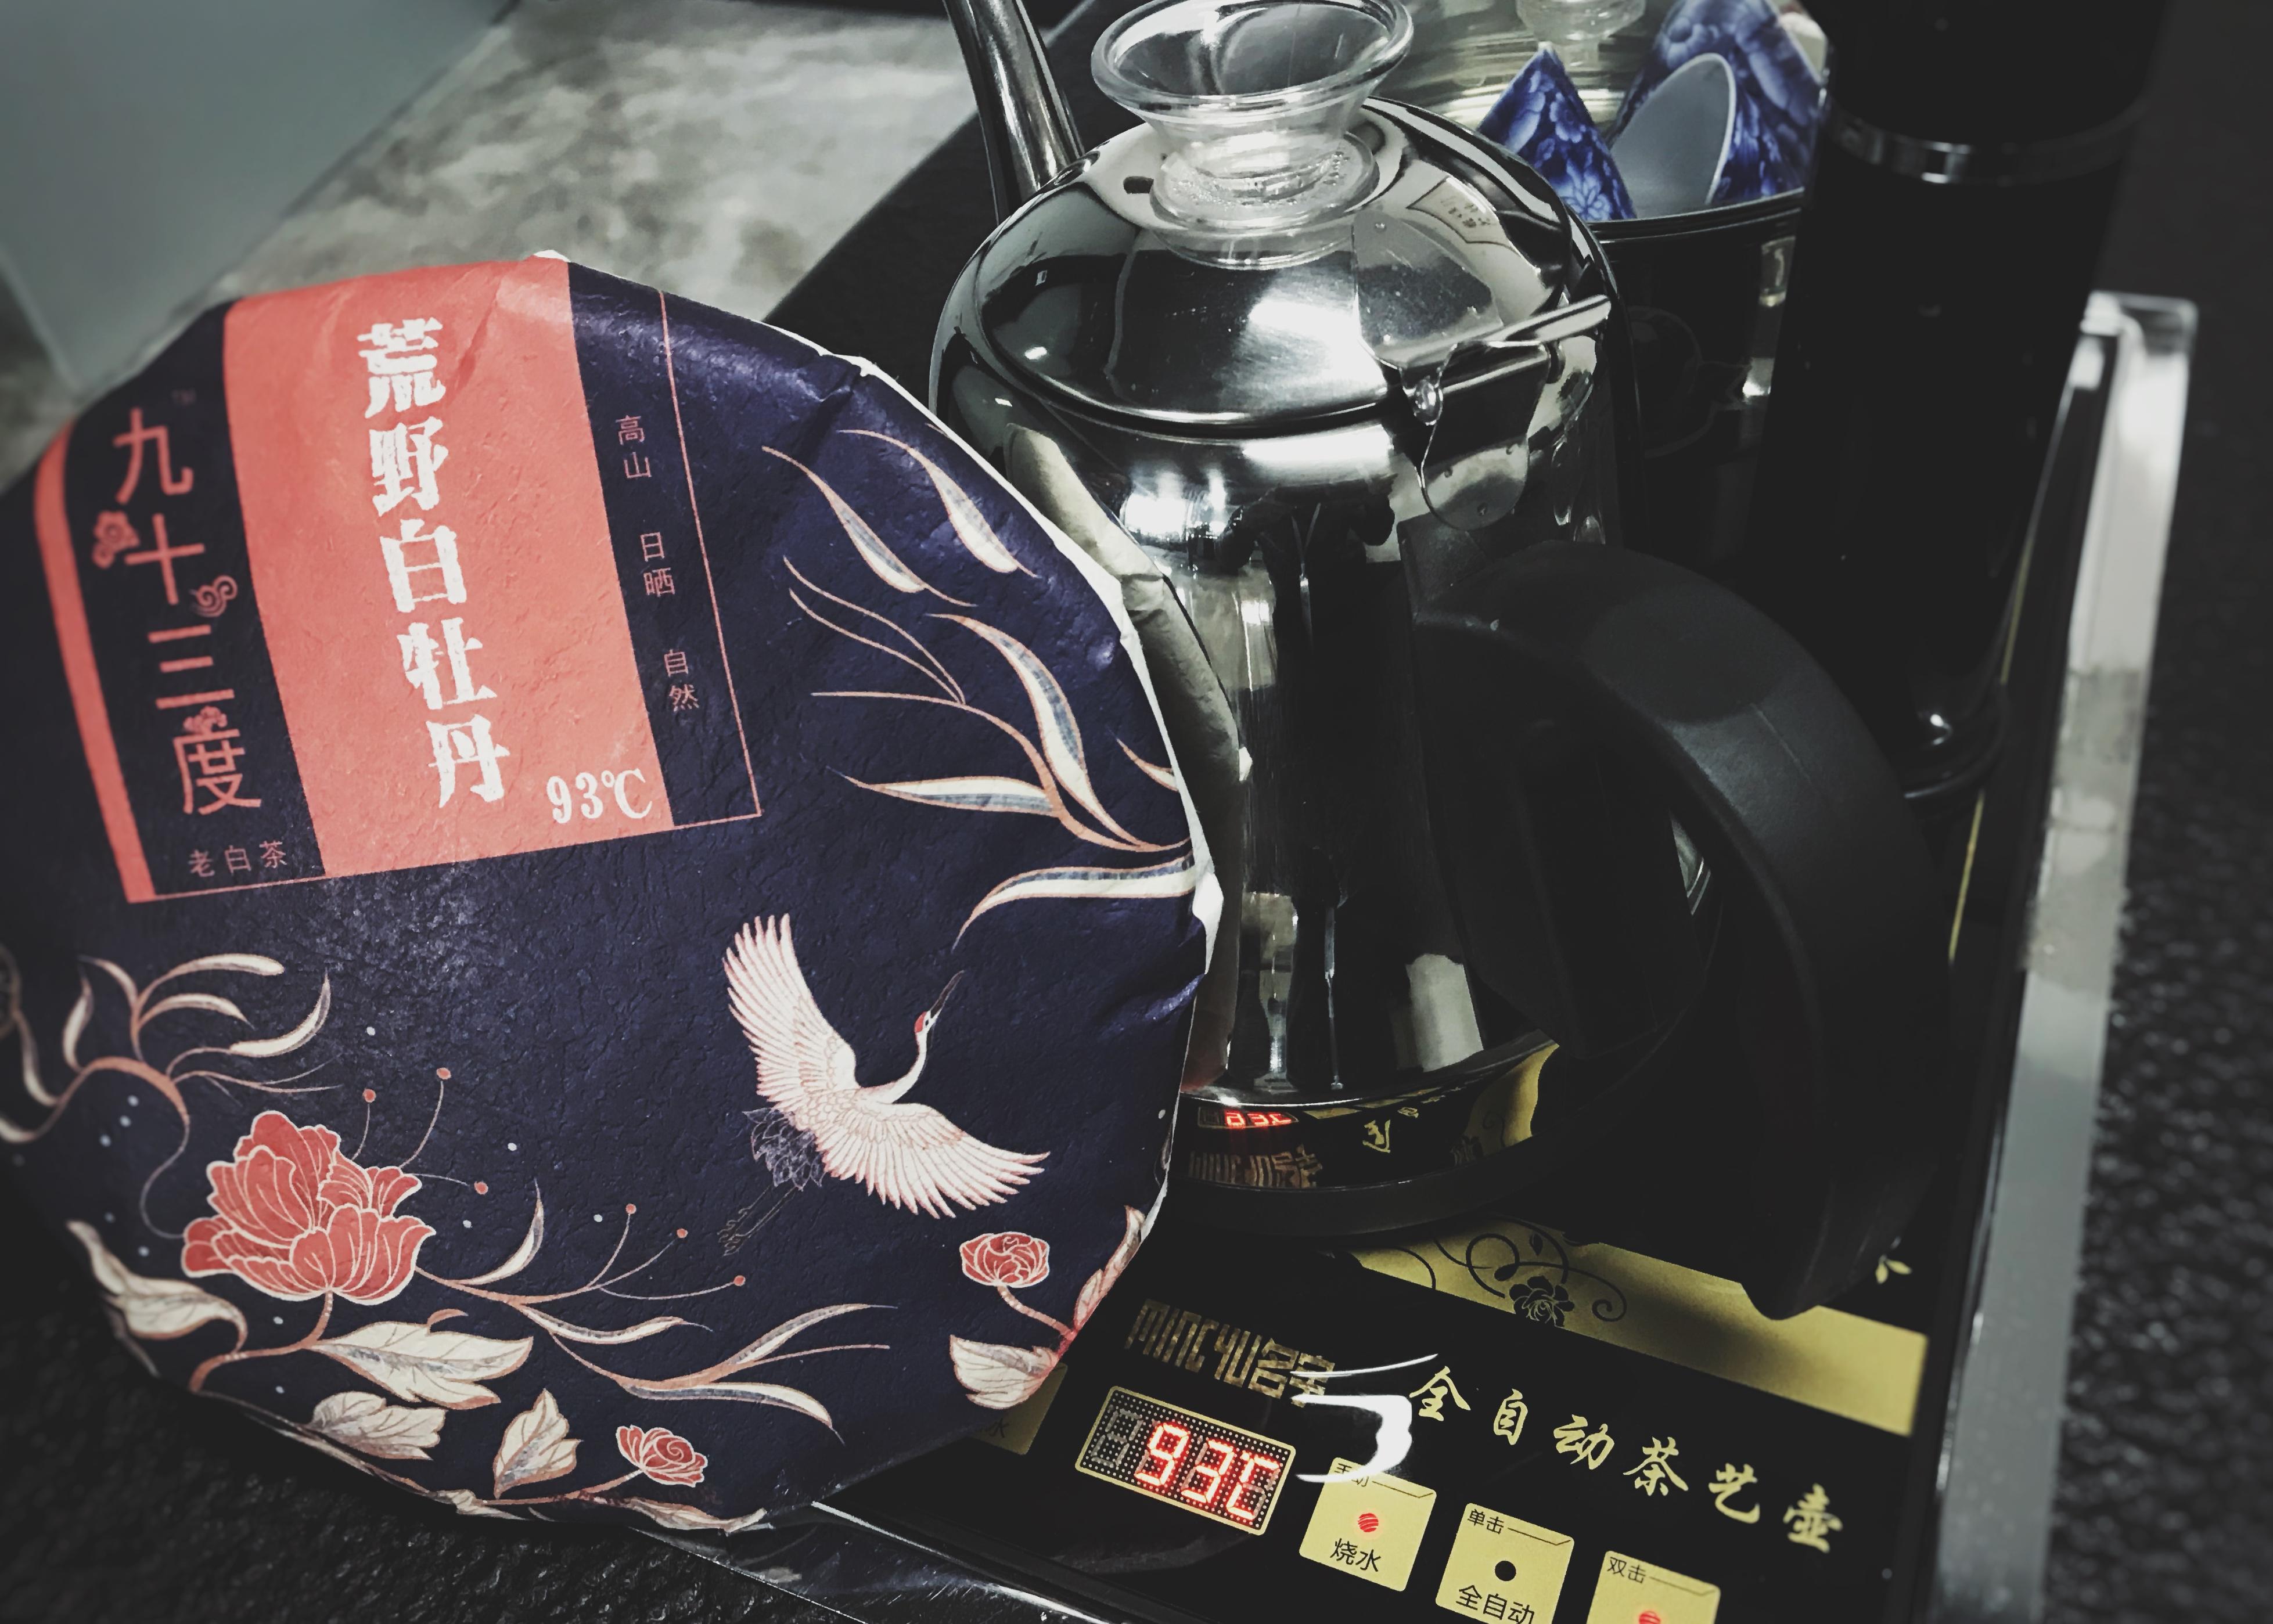 龍井、鐵觀音、信陽毛尖獨特風格譽中外 九十三度白茶發揮優勢搶占市場